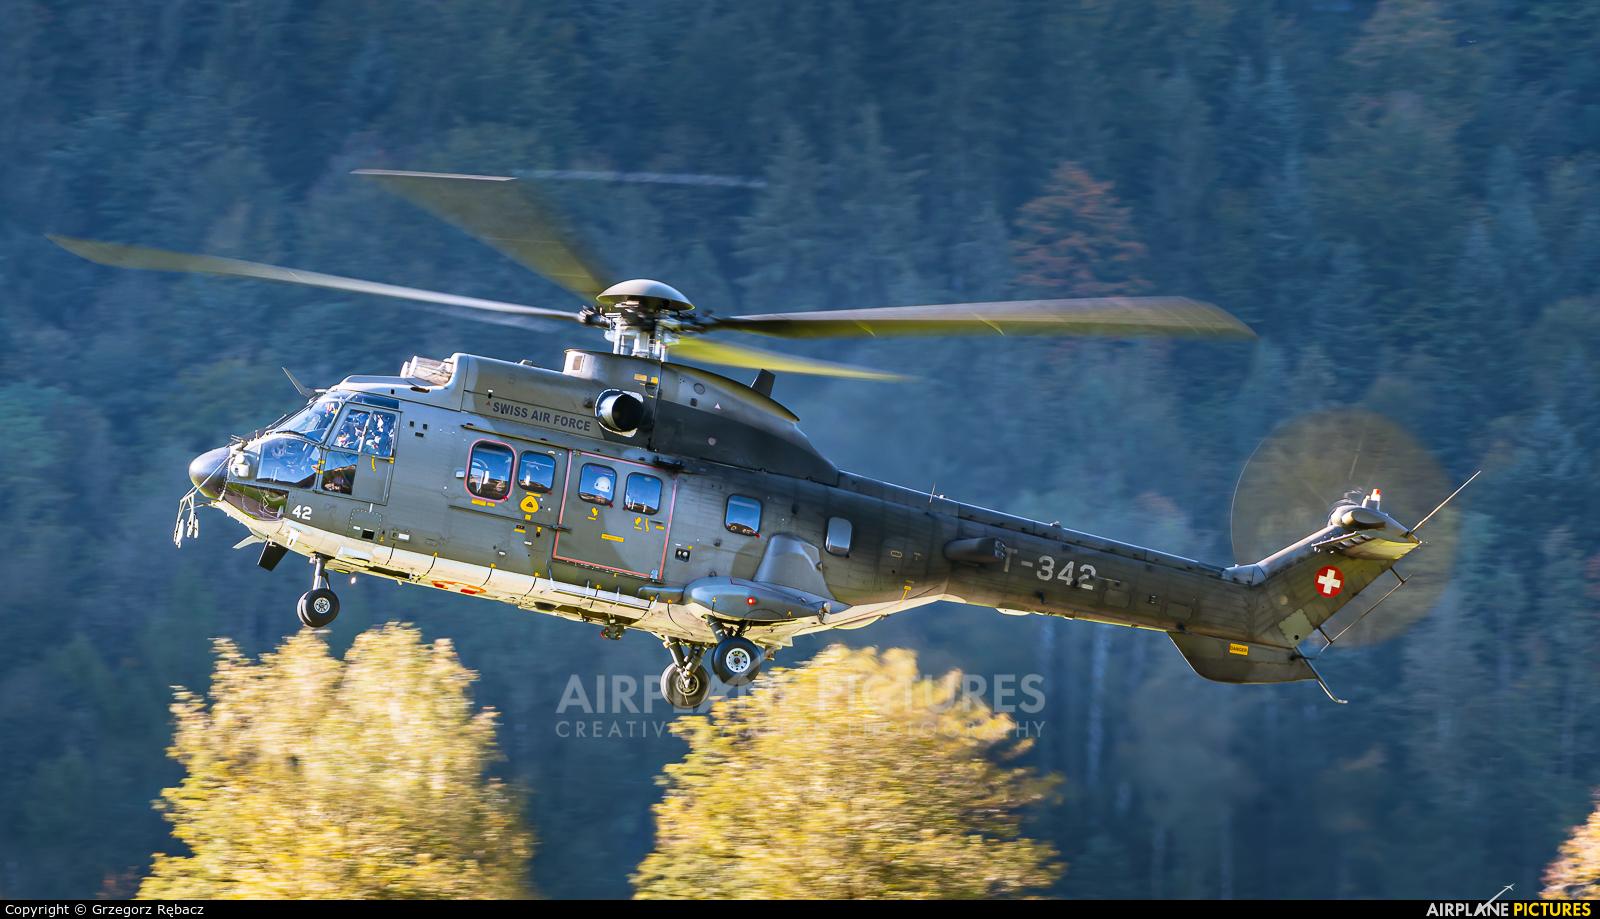 Switzerland - Air Force T-342 aircraft at Meiringen